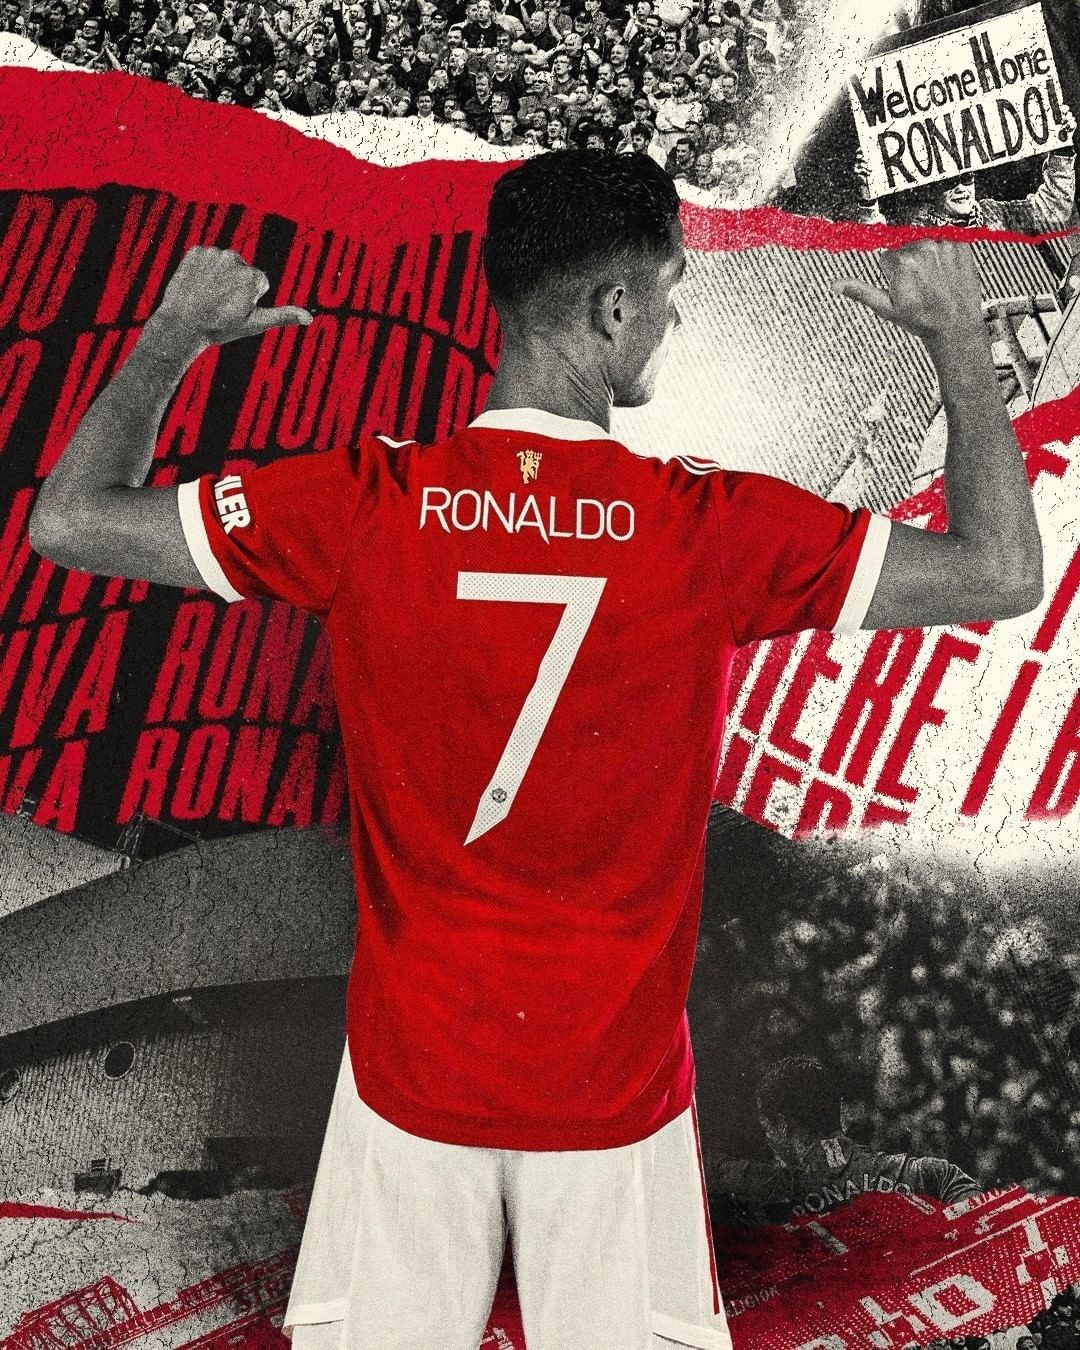 Ronaldo'nun dönüşünü cesur pozlarla kutladı! 'Daha ateşli fotoğraflar paylaşacağım' - Sayfa 3